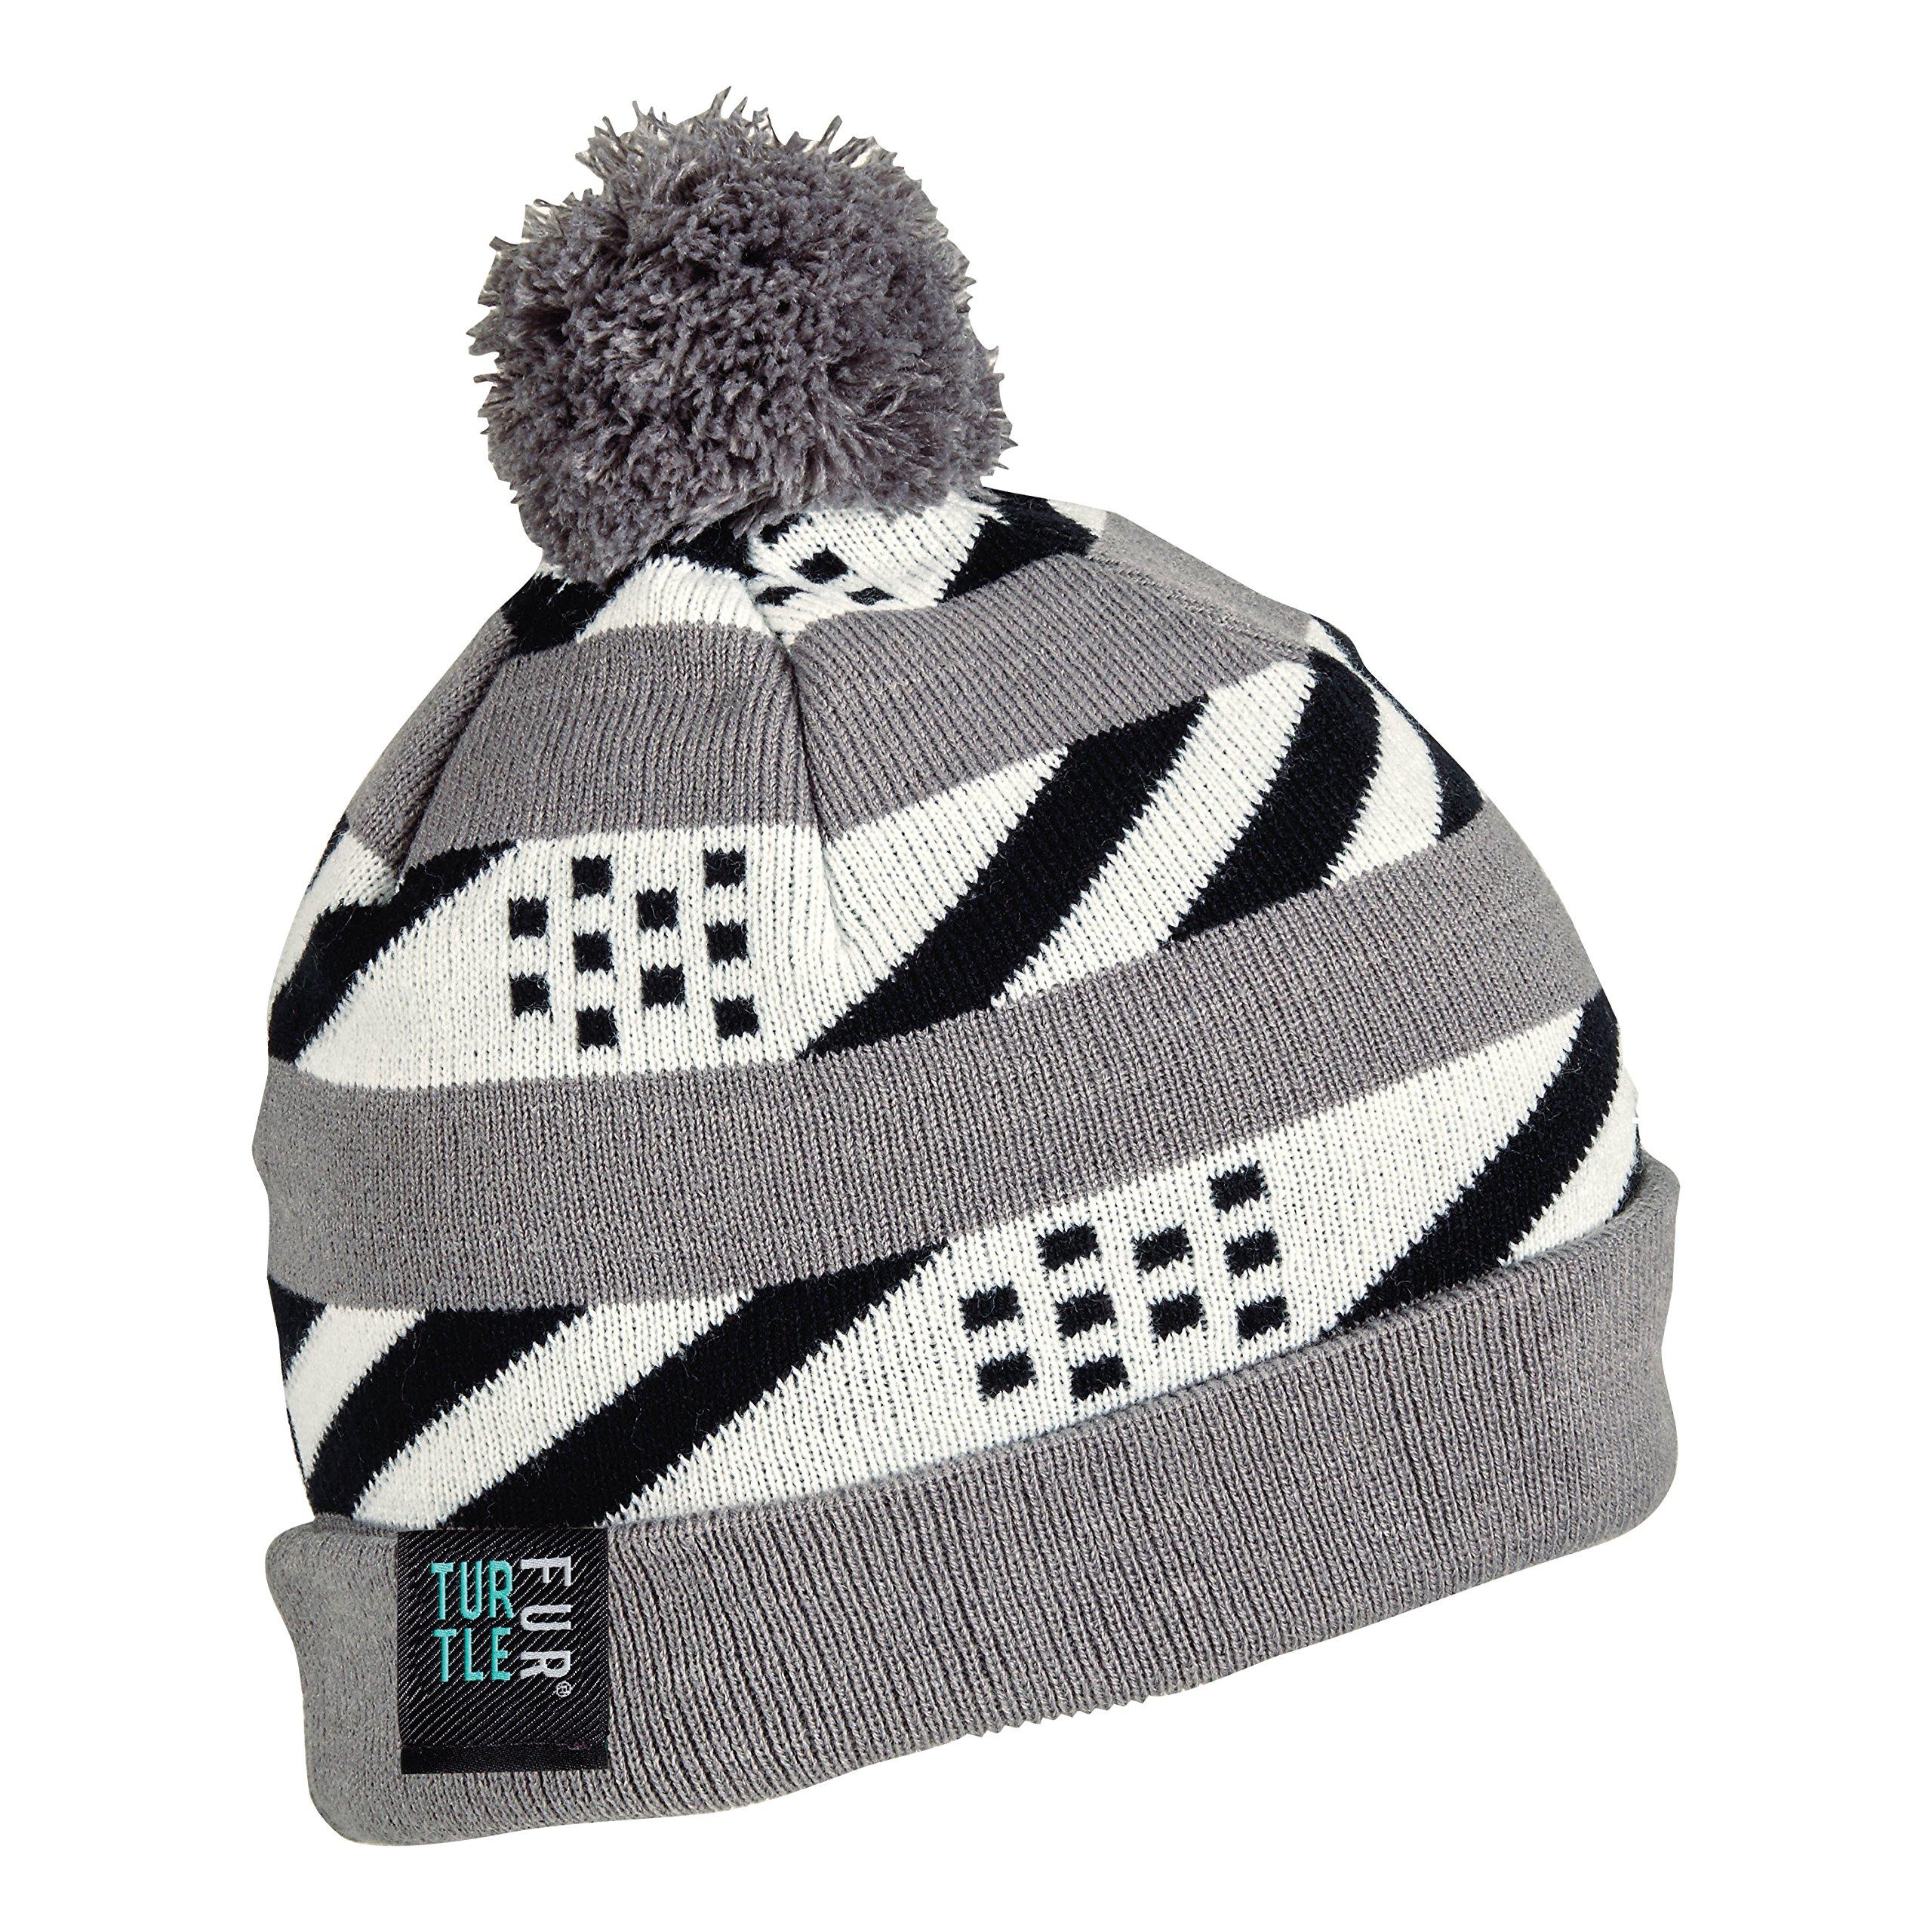 Turtle Fur Re-Run Boy's Fleece Lined Pom Winter Hat Gray